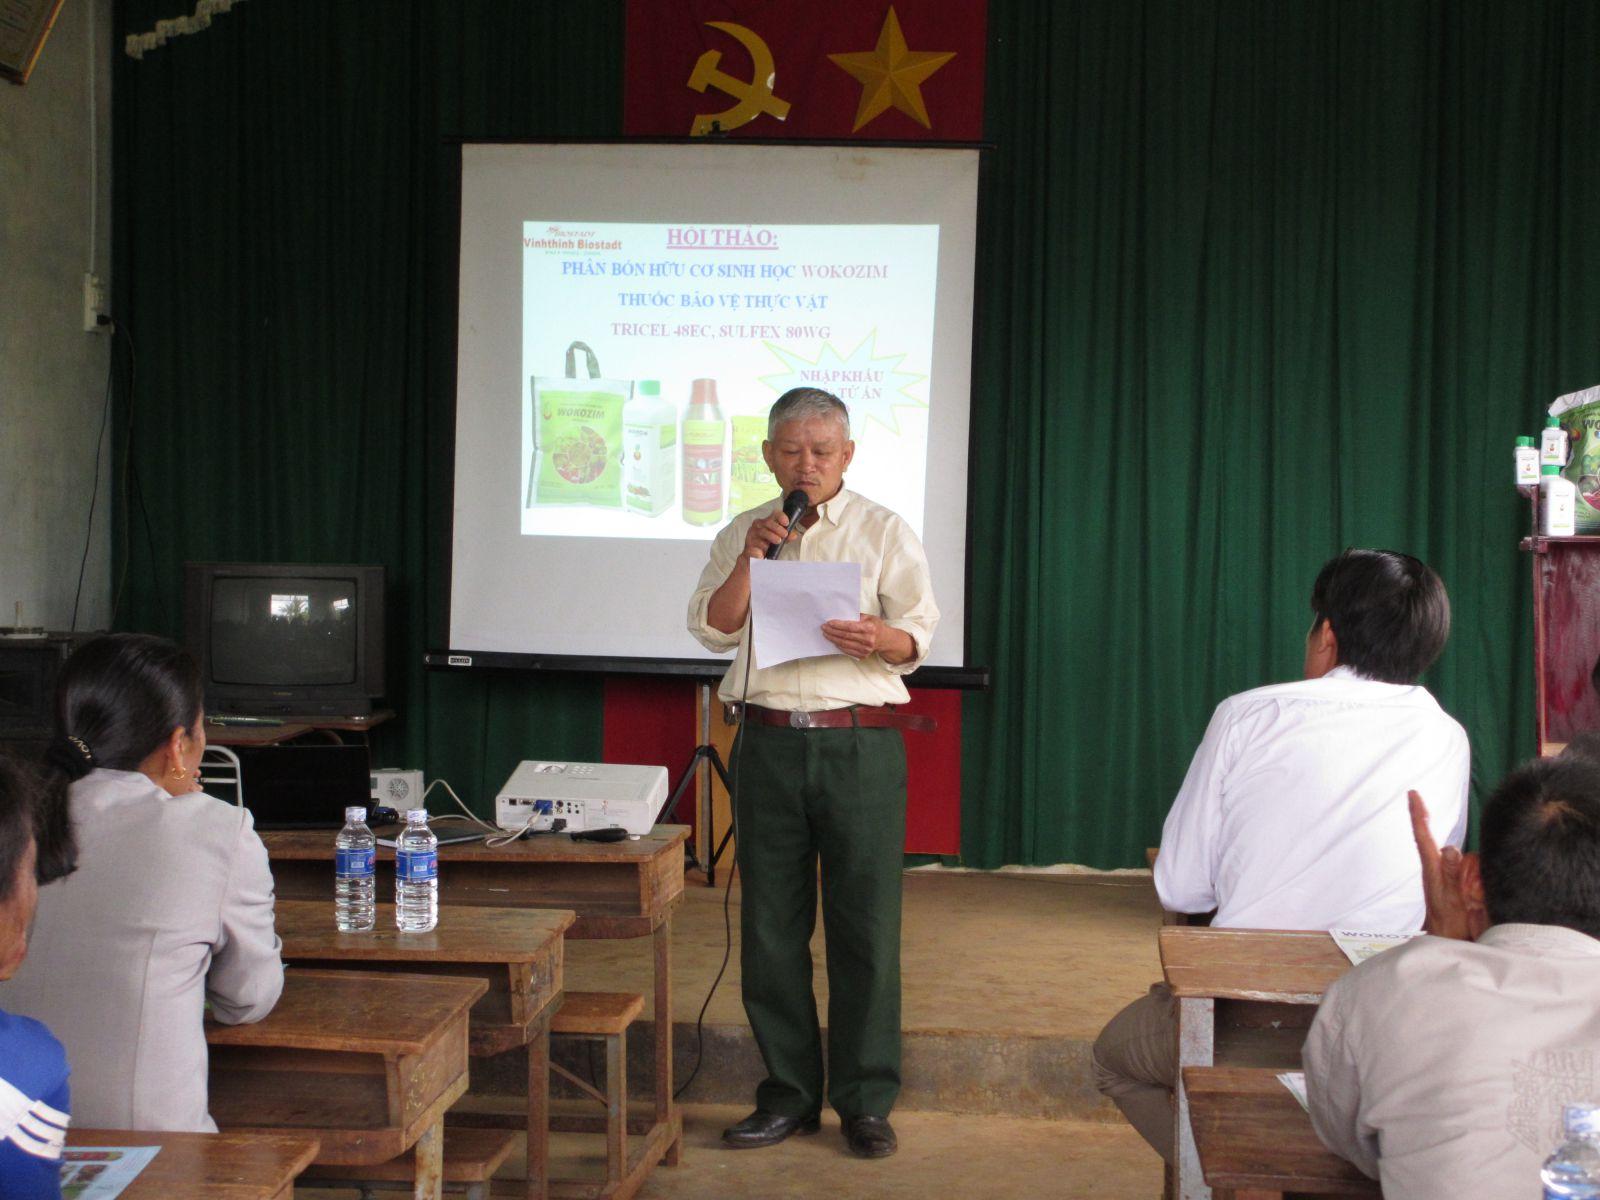 Bác Nông dân sáng tác thơ tặng WOKOZIM  tại hội thảo Lâm Đồng